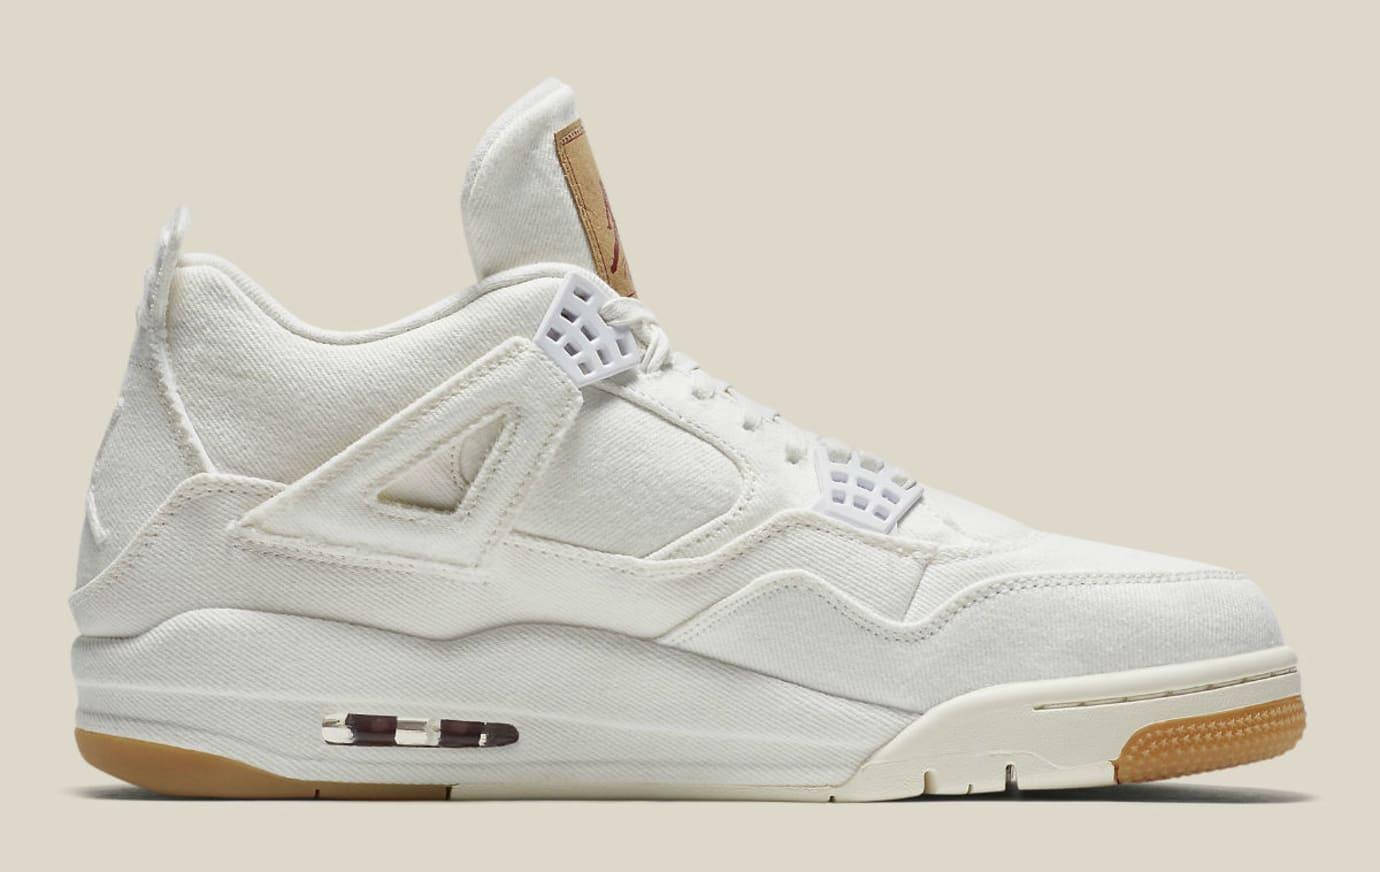 Levi's x Air Jordan 4 White Demin Release Date AO2571-100 Medial